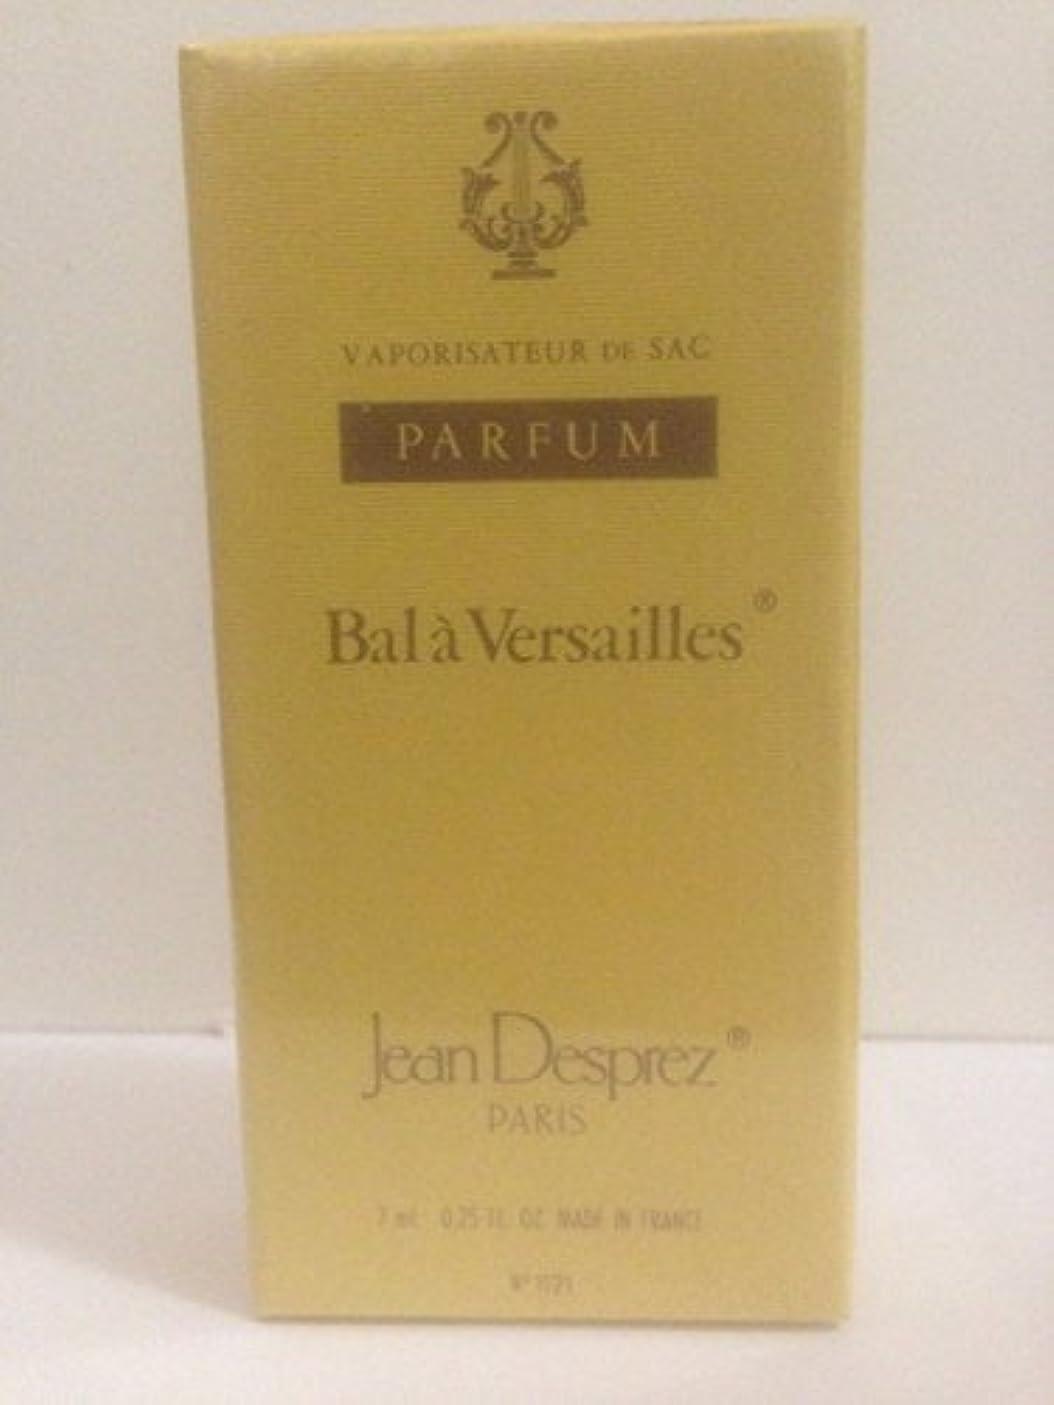 学生決めます結び目Bal A Versailles (バラ ベルサイユ) 0.25 oz (7ml) Deluxe Parfum (純粋香水) by Jean Desprez for Women